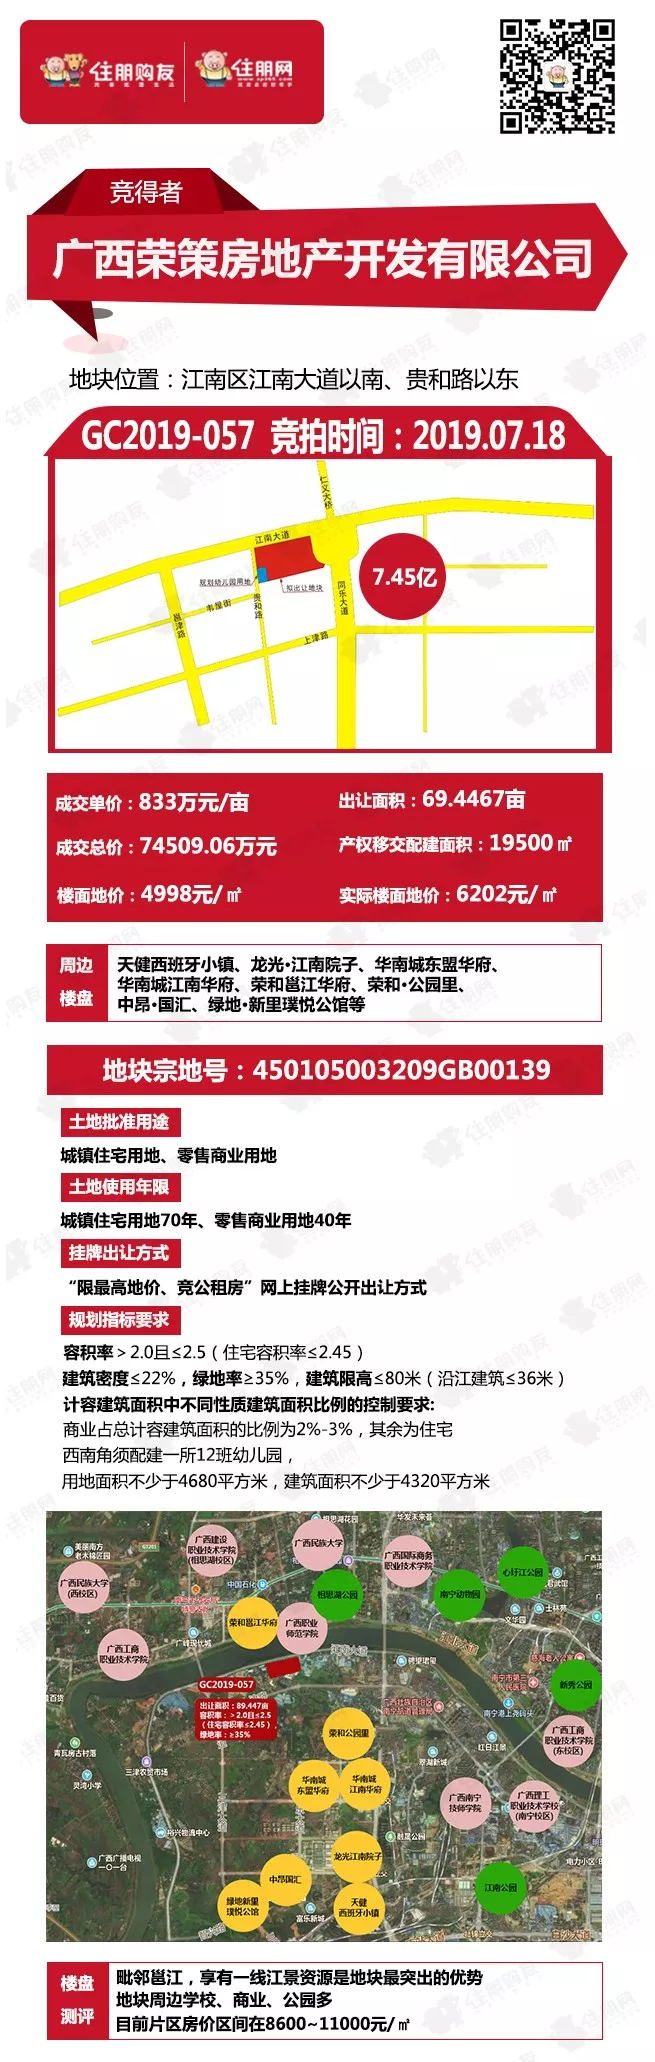 http://www.qwican.com/fangchanshichang/1328838.html